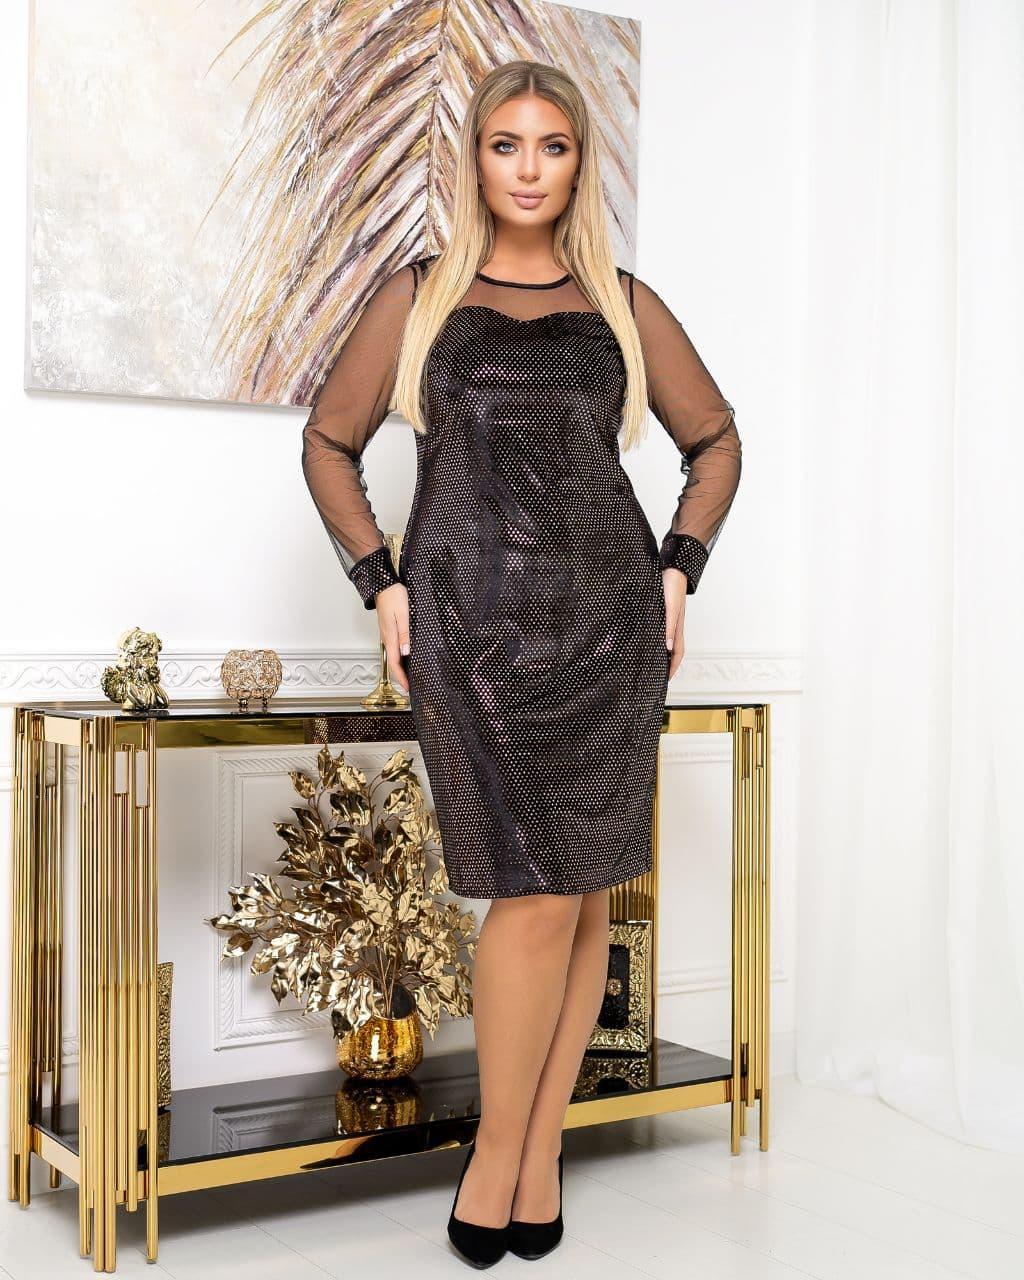 Сукня вечірня батал NOBILITAS 50 - 56 чорне з бронзовими паєтками велюр (арт. 20054)